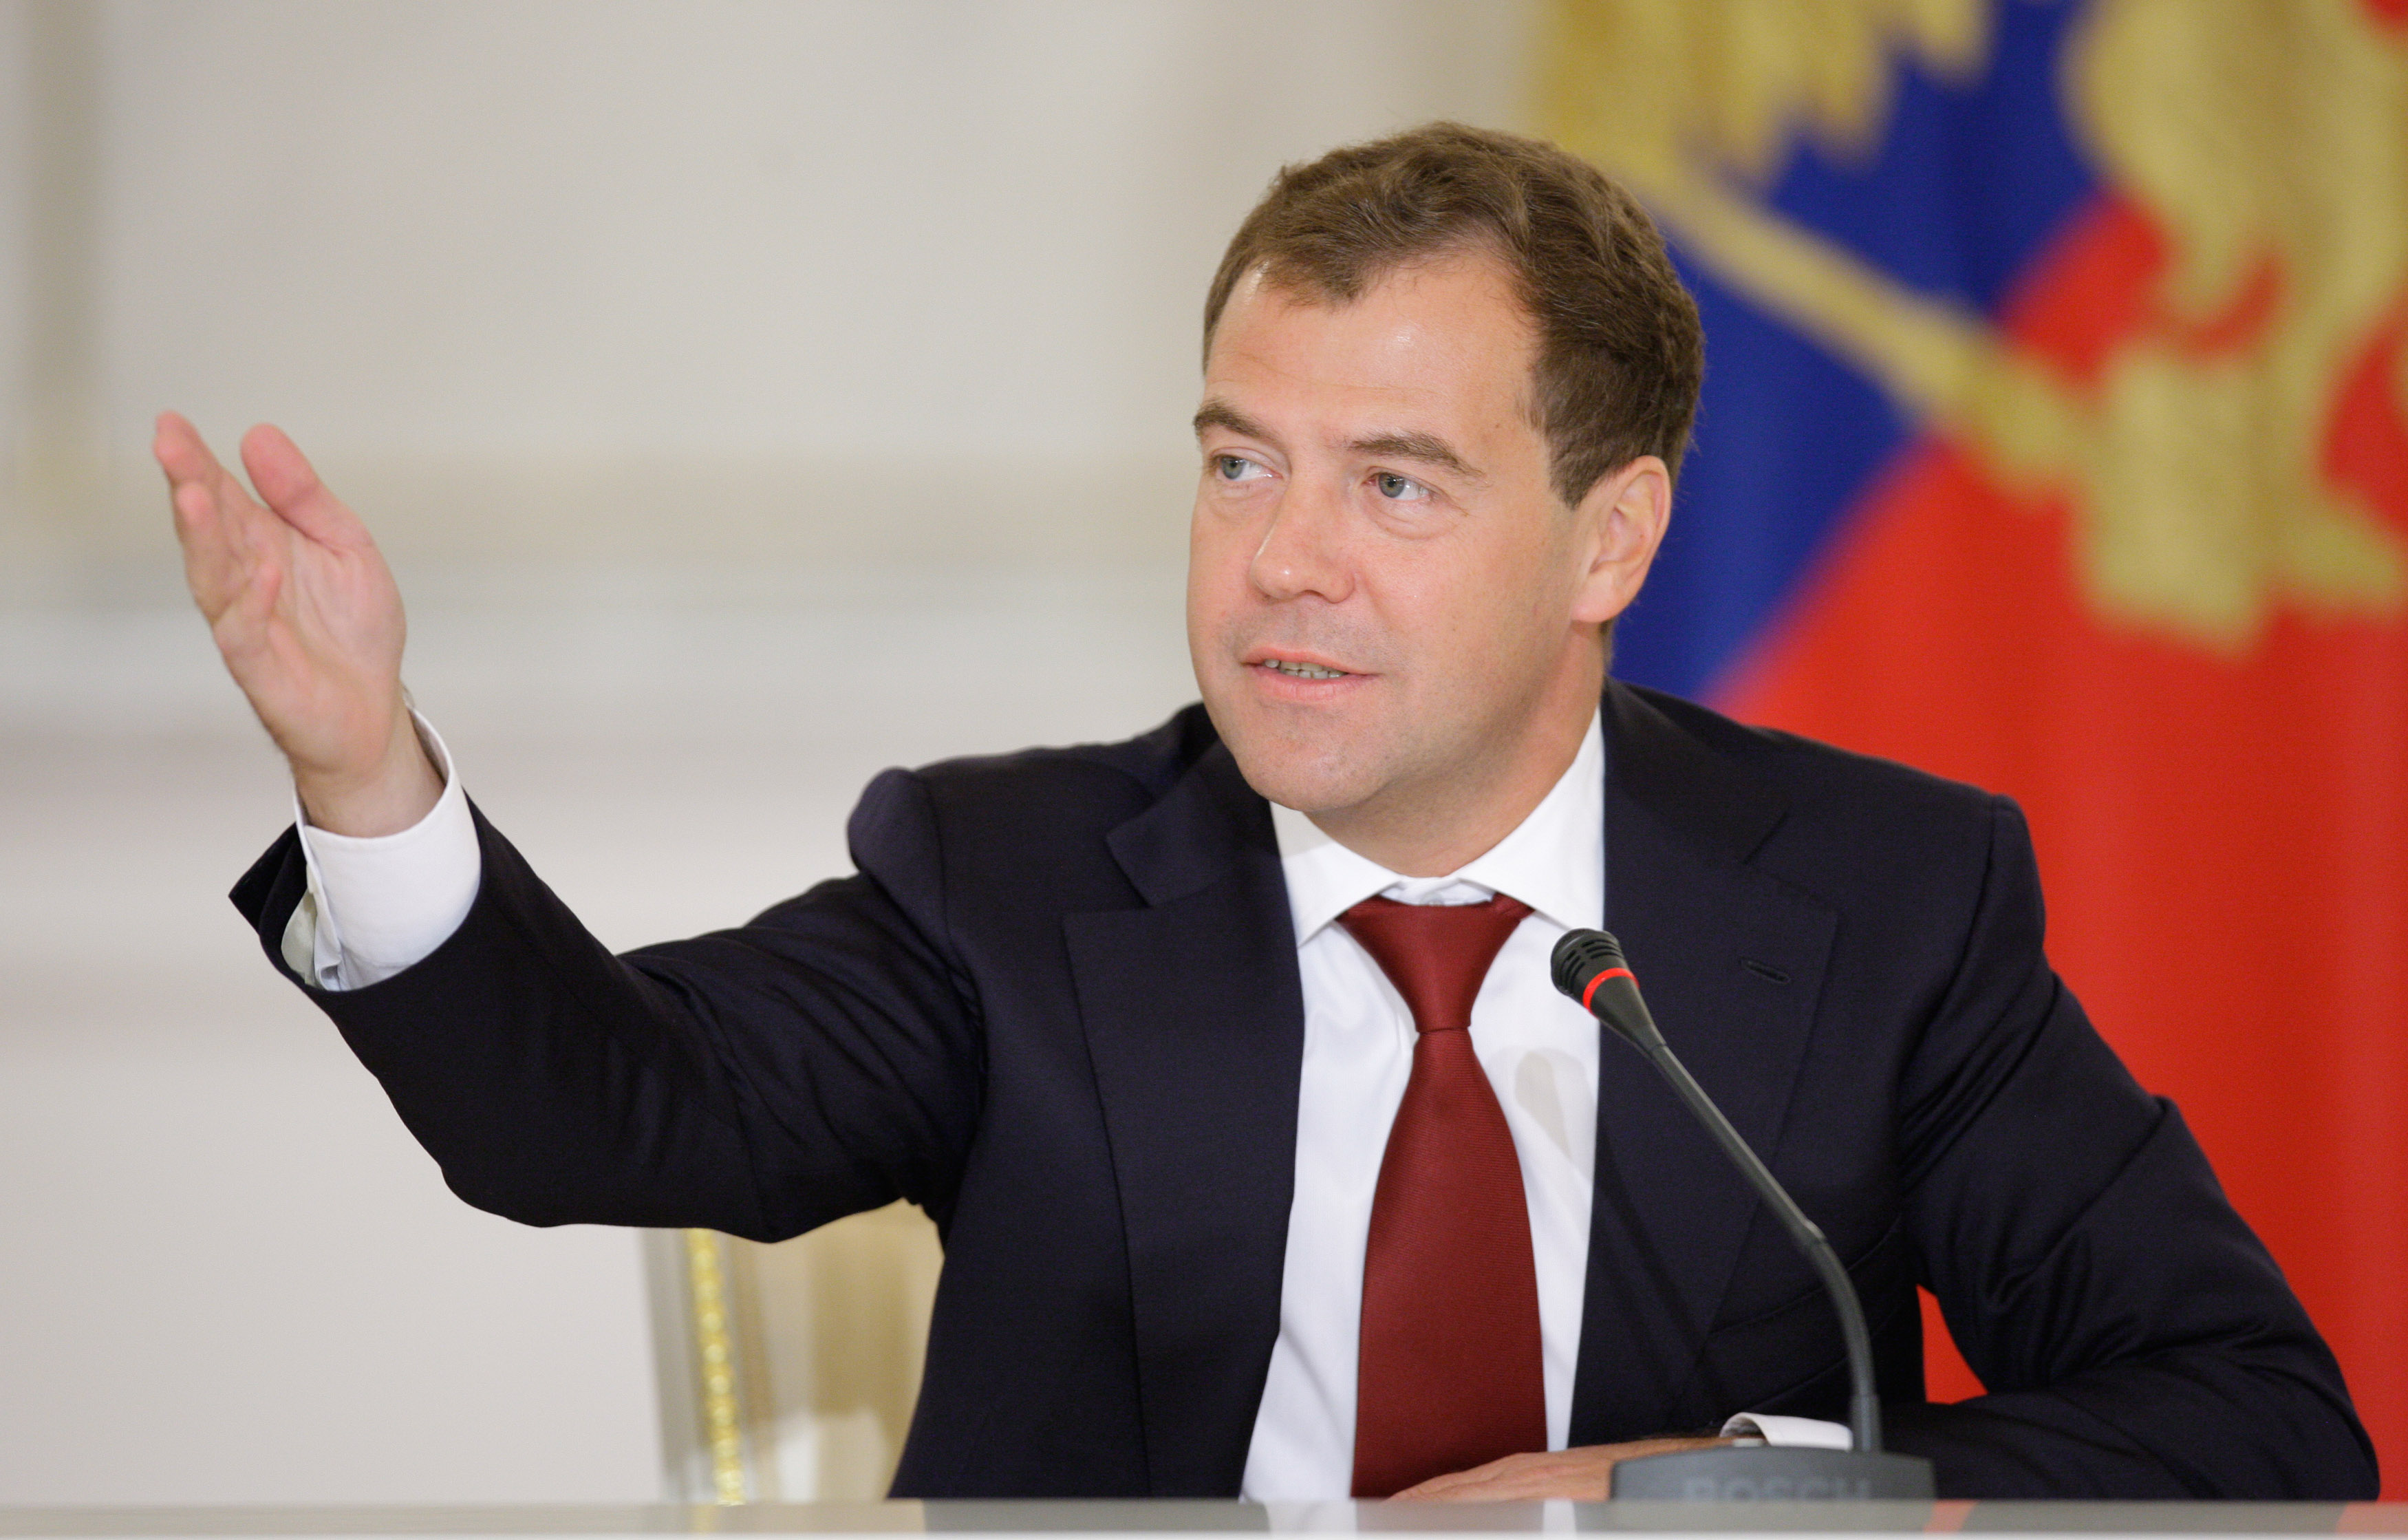 Медведев обратился к участникам и гостям «Связь-Экспокомм-2015»